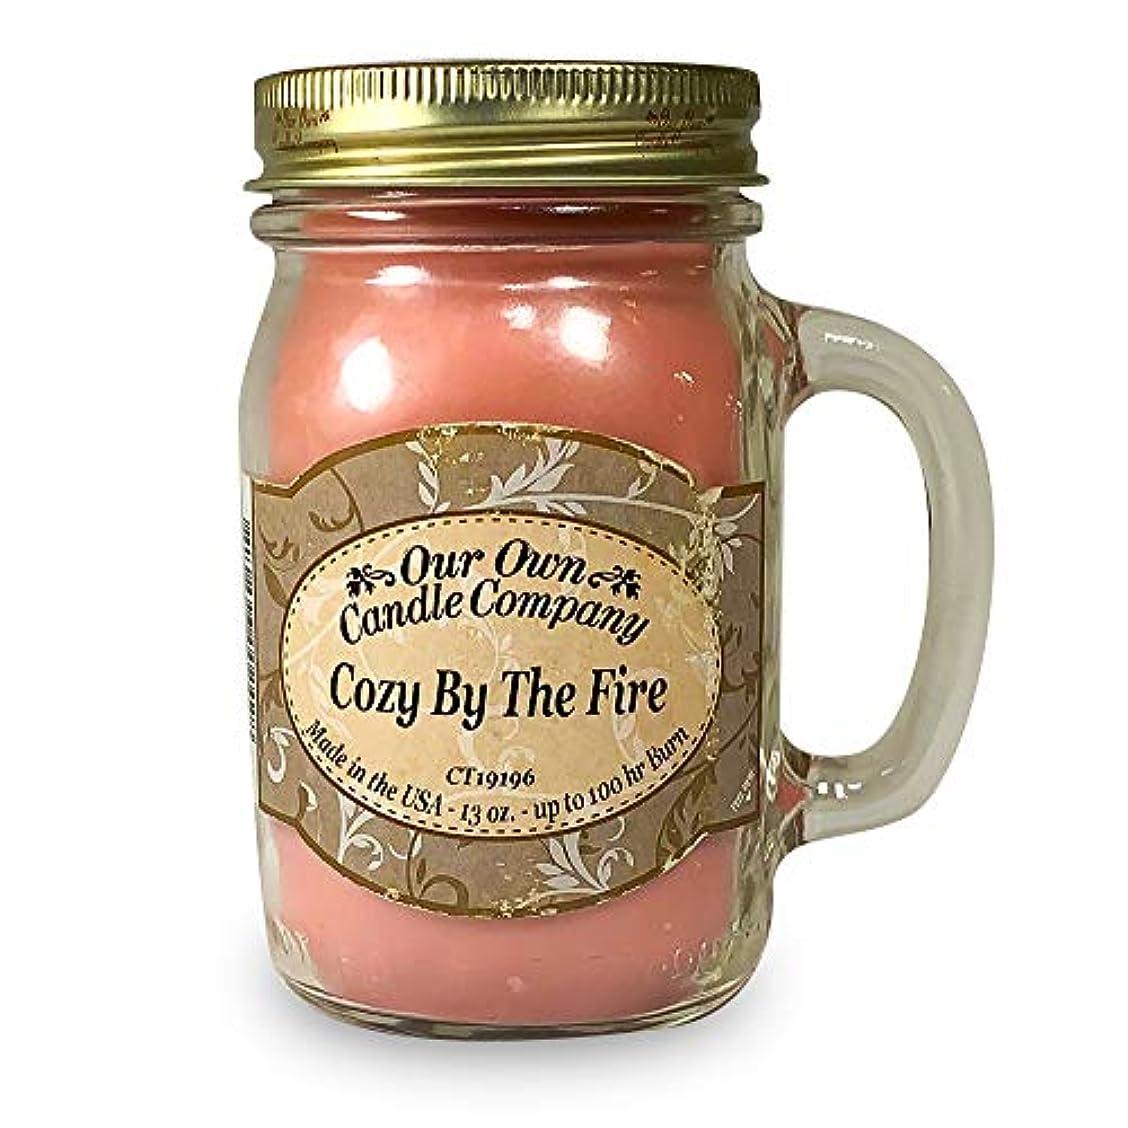 メトロポリタン文房具Our Own Candle Company Cozy by The FIre 香り付き13オンス メイソンジャーキャンドル